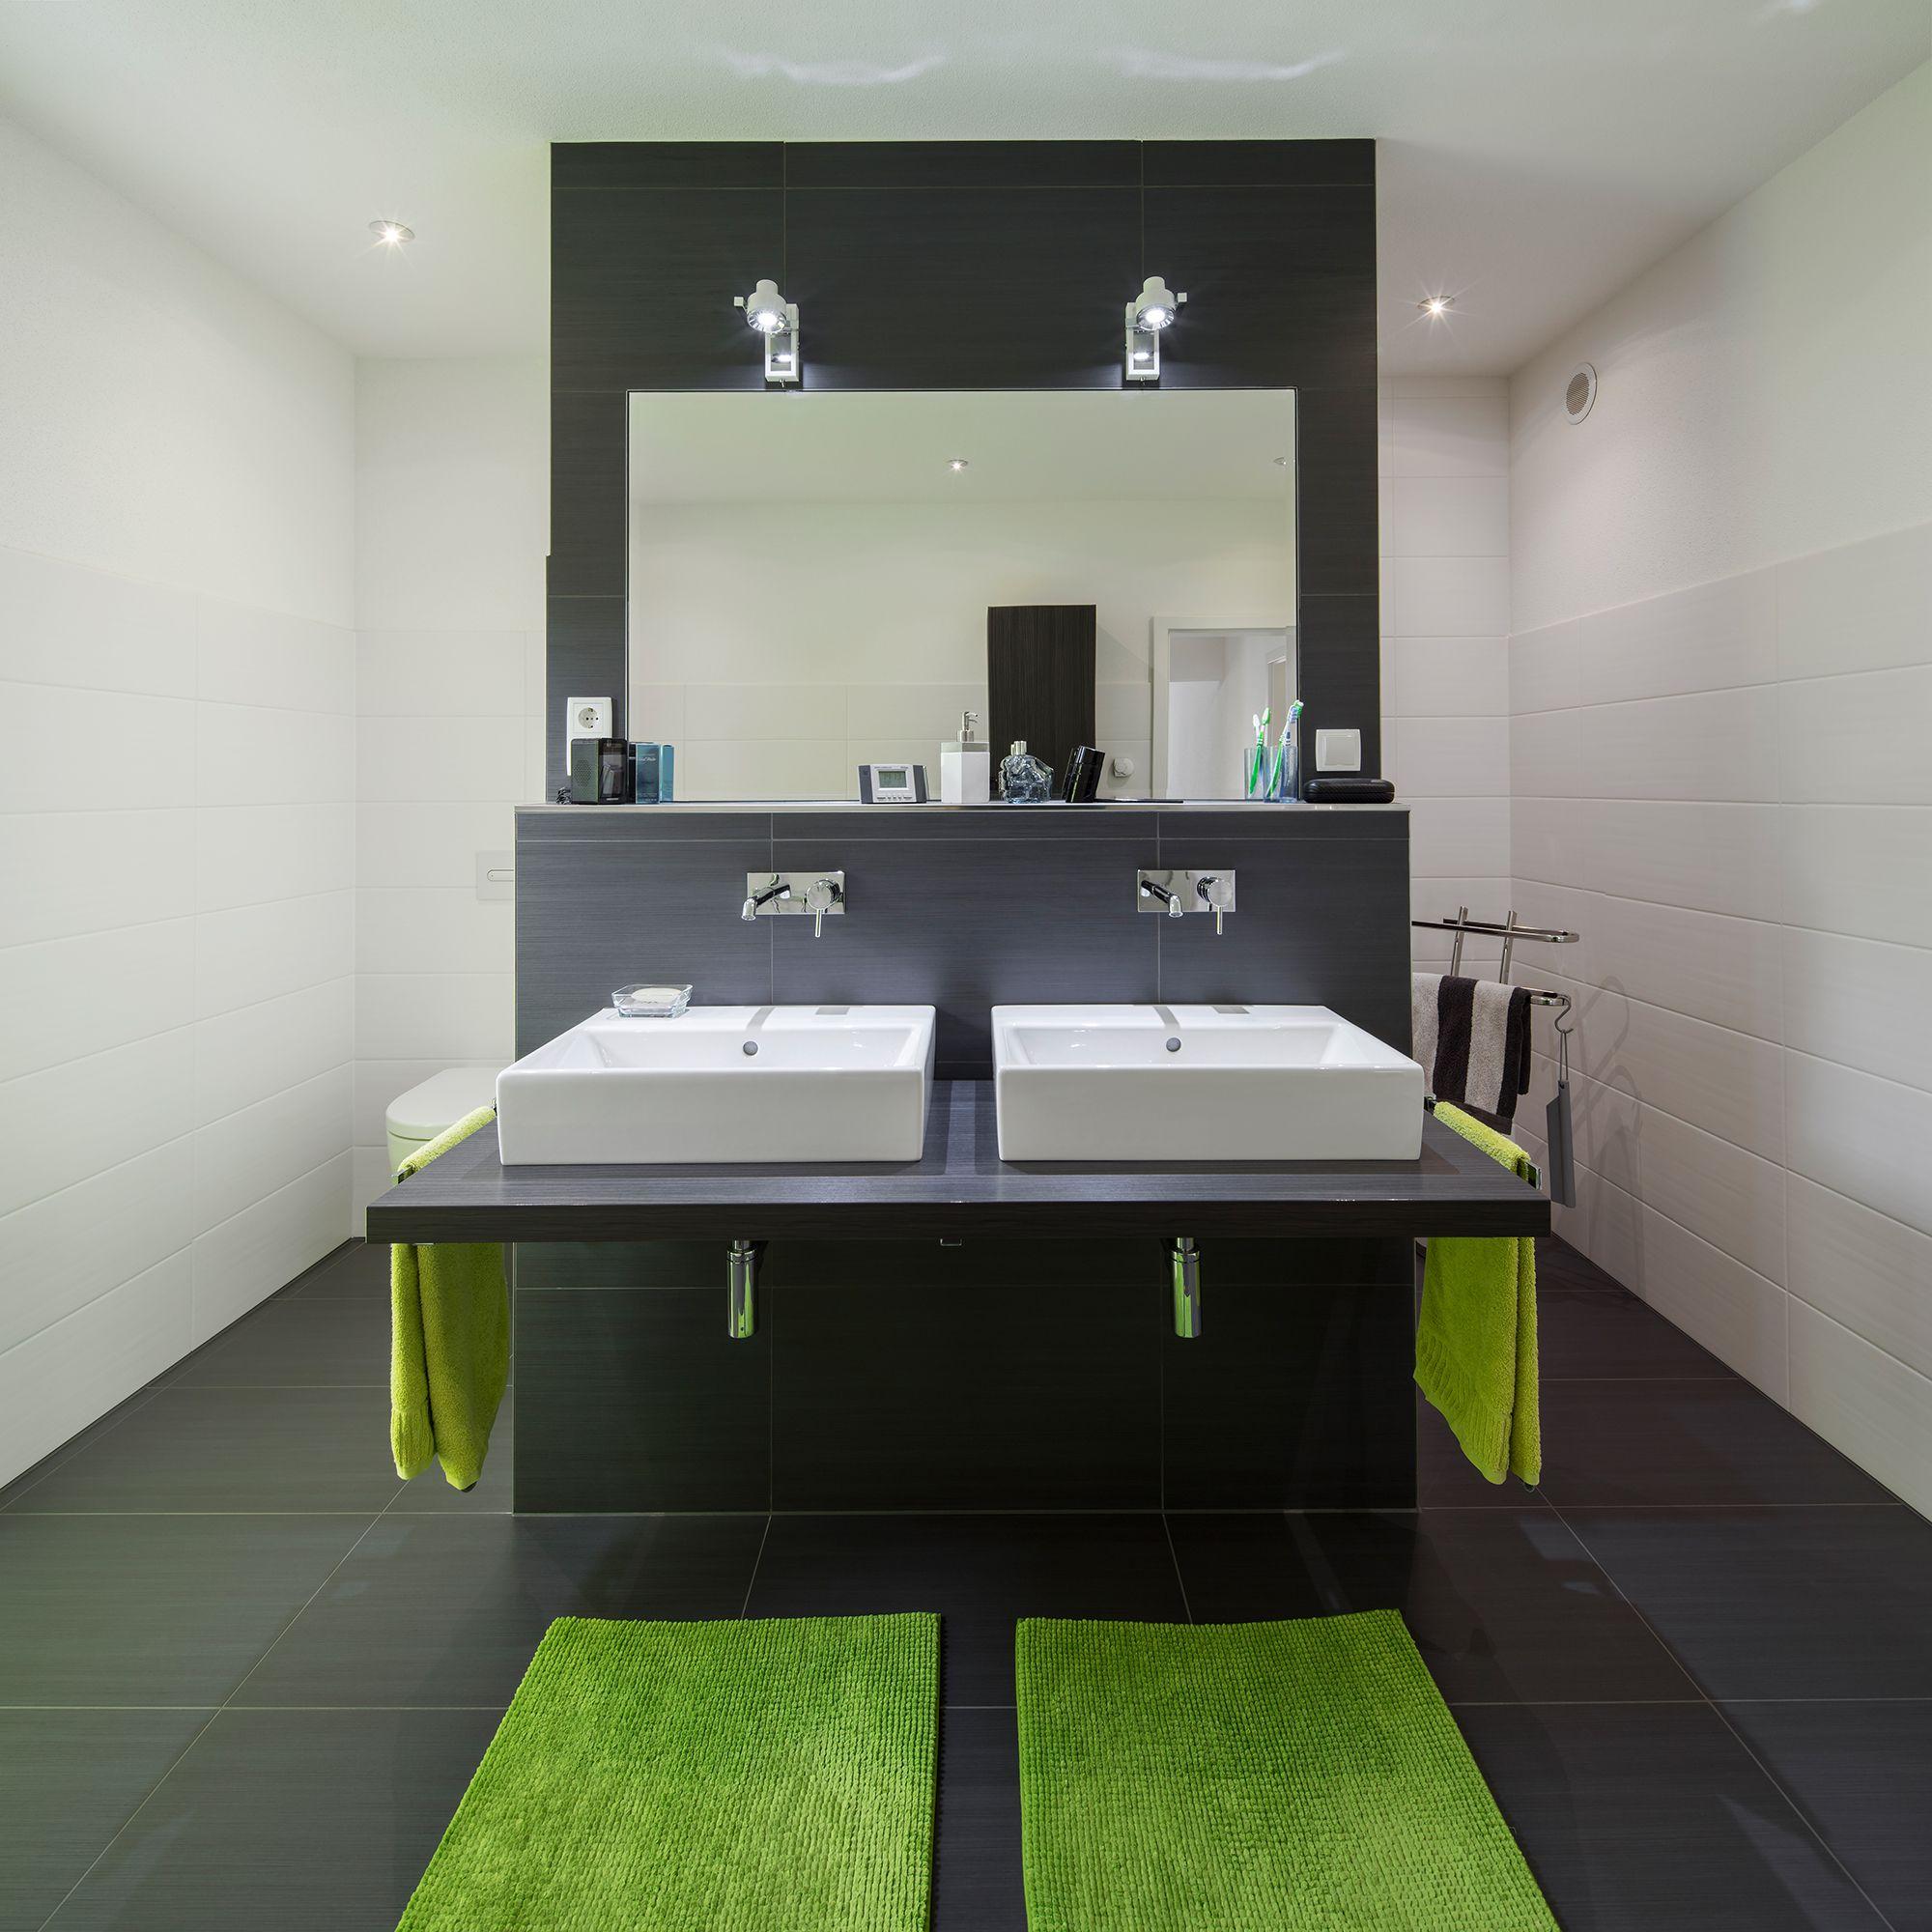 Wohnideen Bad fertighaus wohnidee badezimmer in schwarz und grün wohnideen